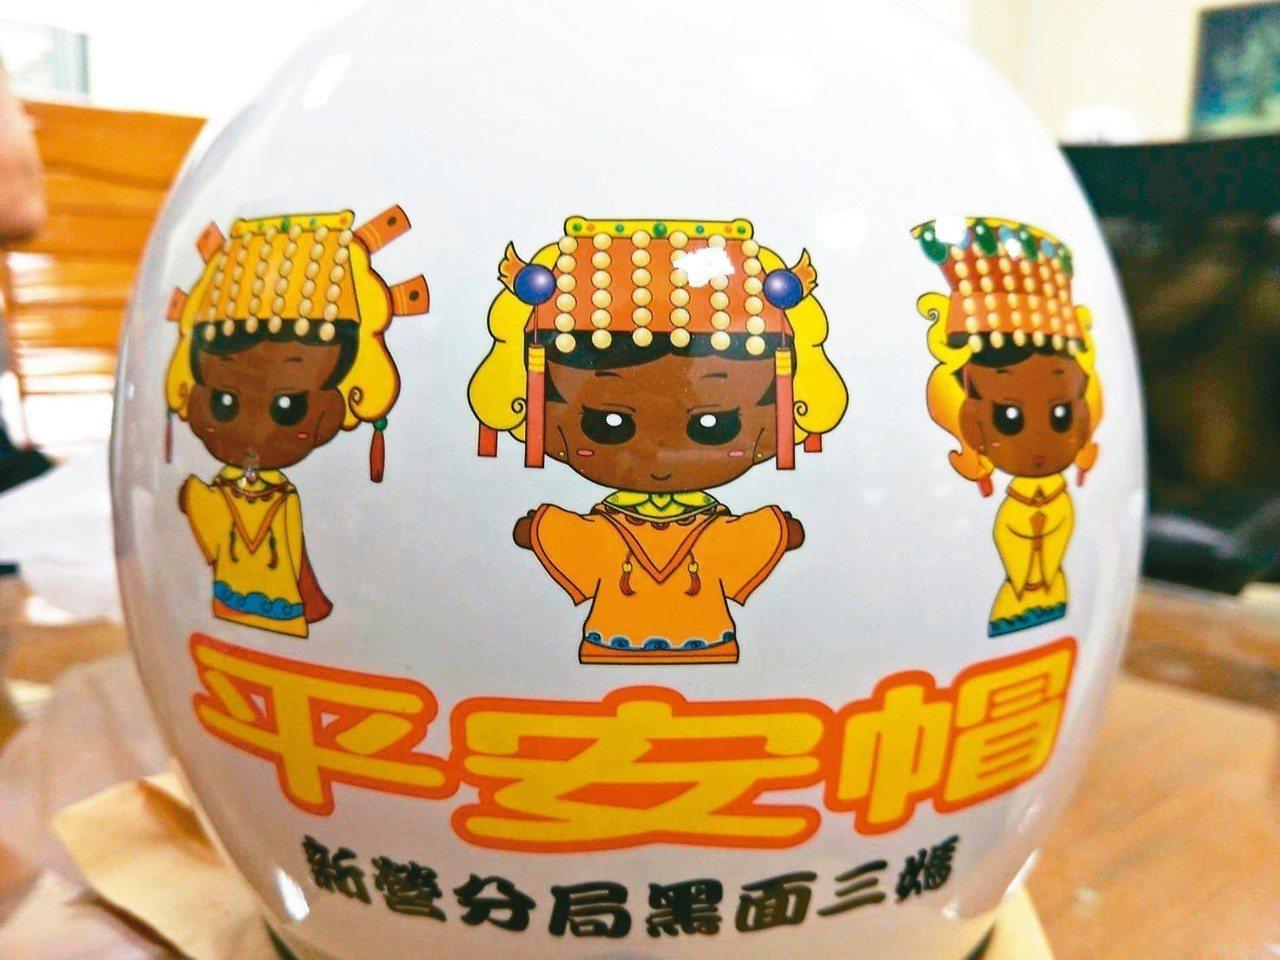 台南市警方推動「平安帽」專案,員警取締機車騎士未戴安全帽時,借出安全帽,保障行車...